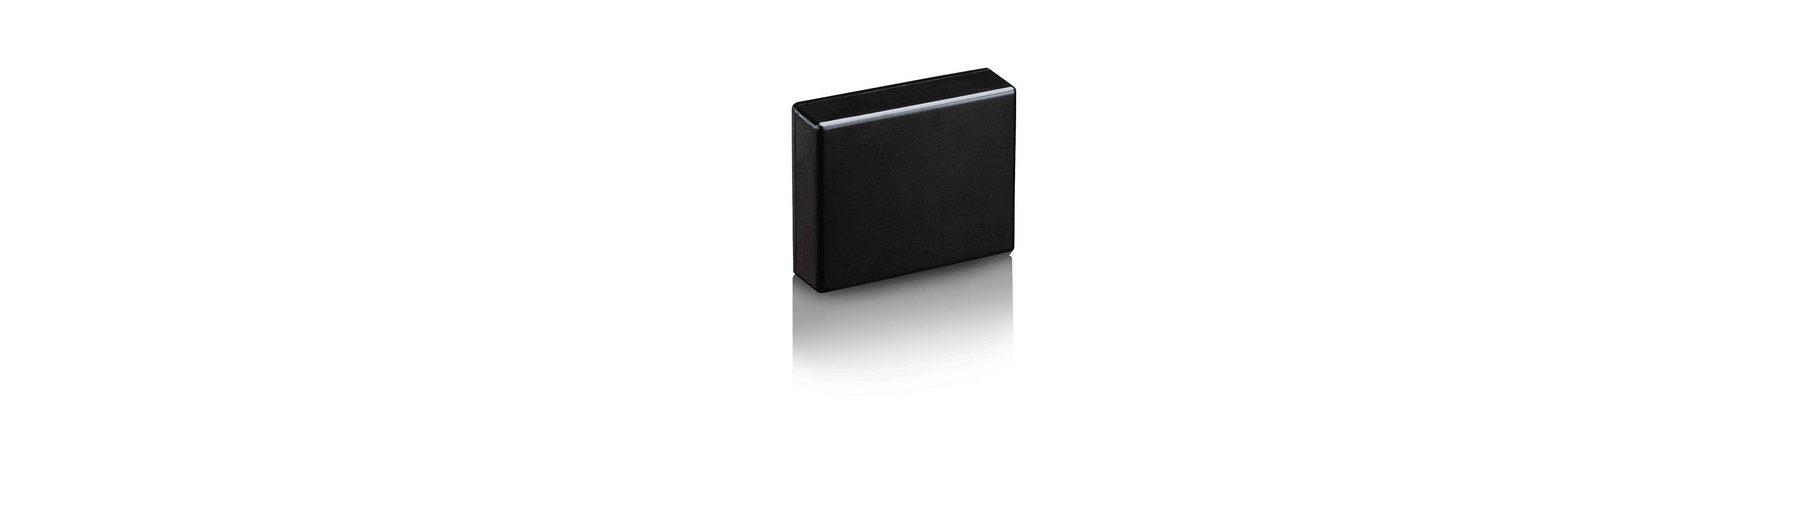 Lenco Lithium-Ion-Akku Multiroom »Akku für Playlink-4«